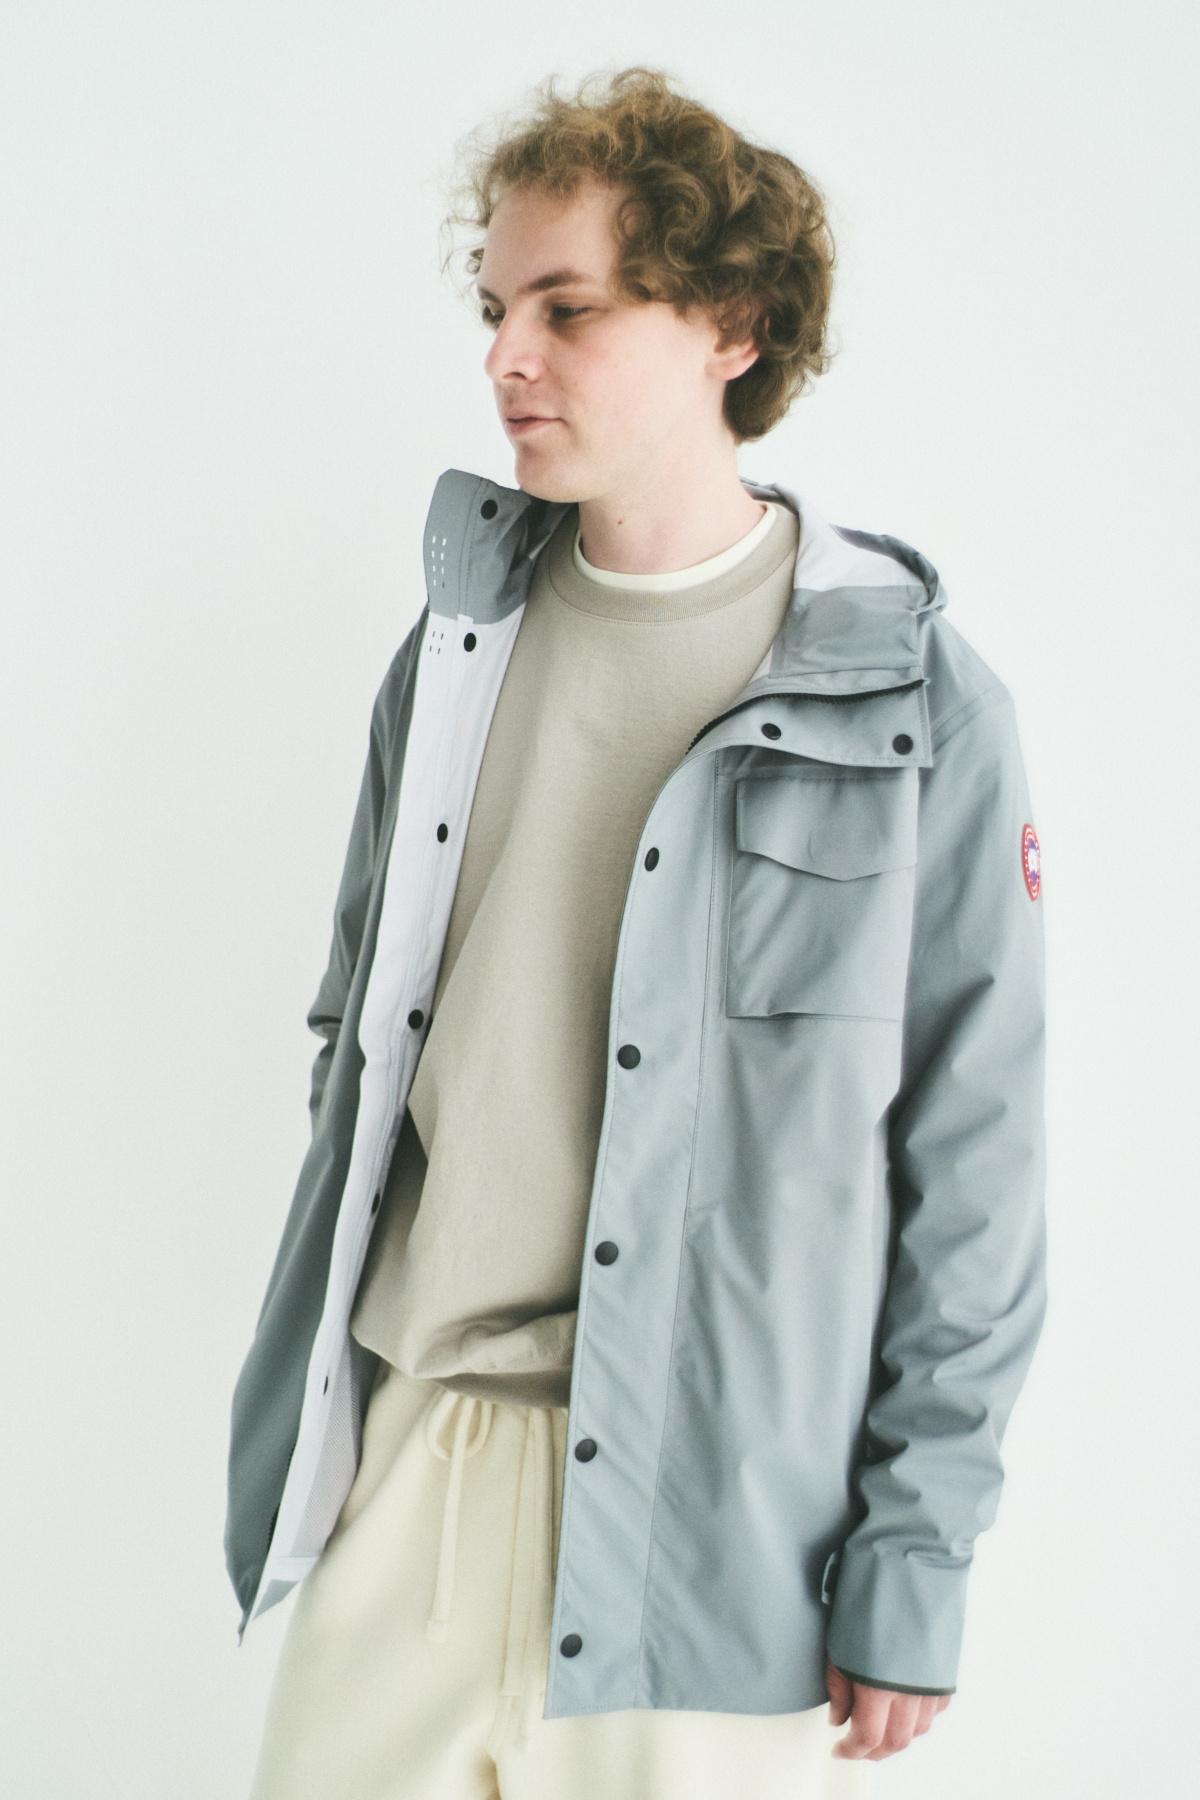 防水性が高く、持ち運びにも最適な超軽量ジャケット